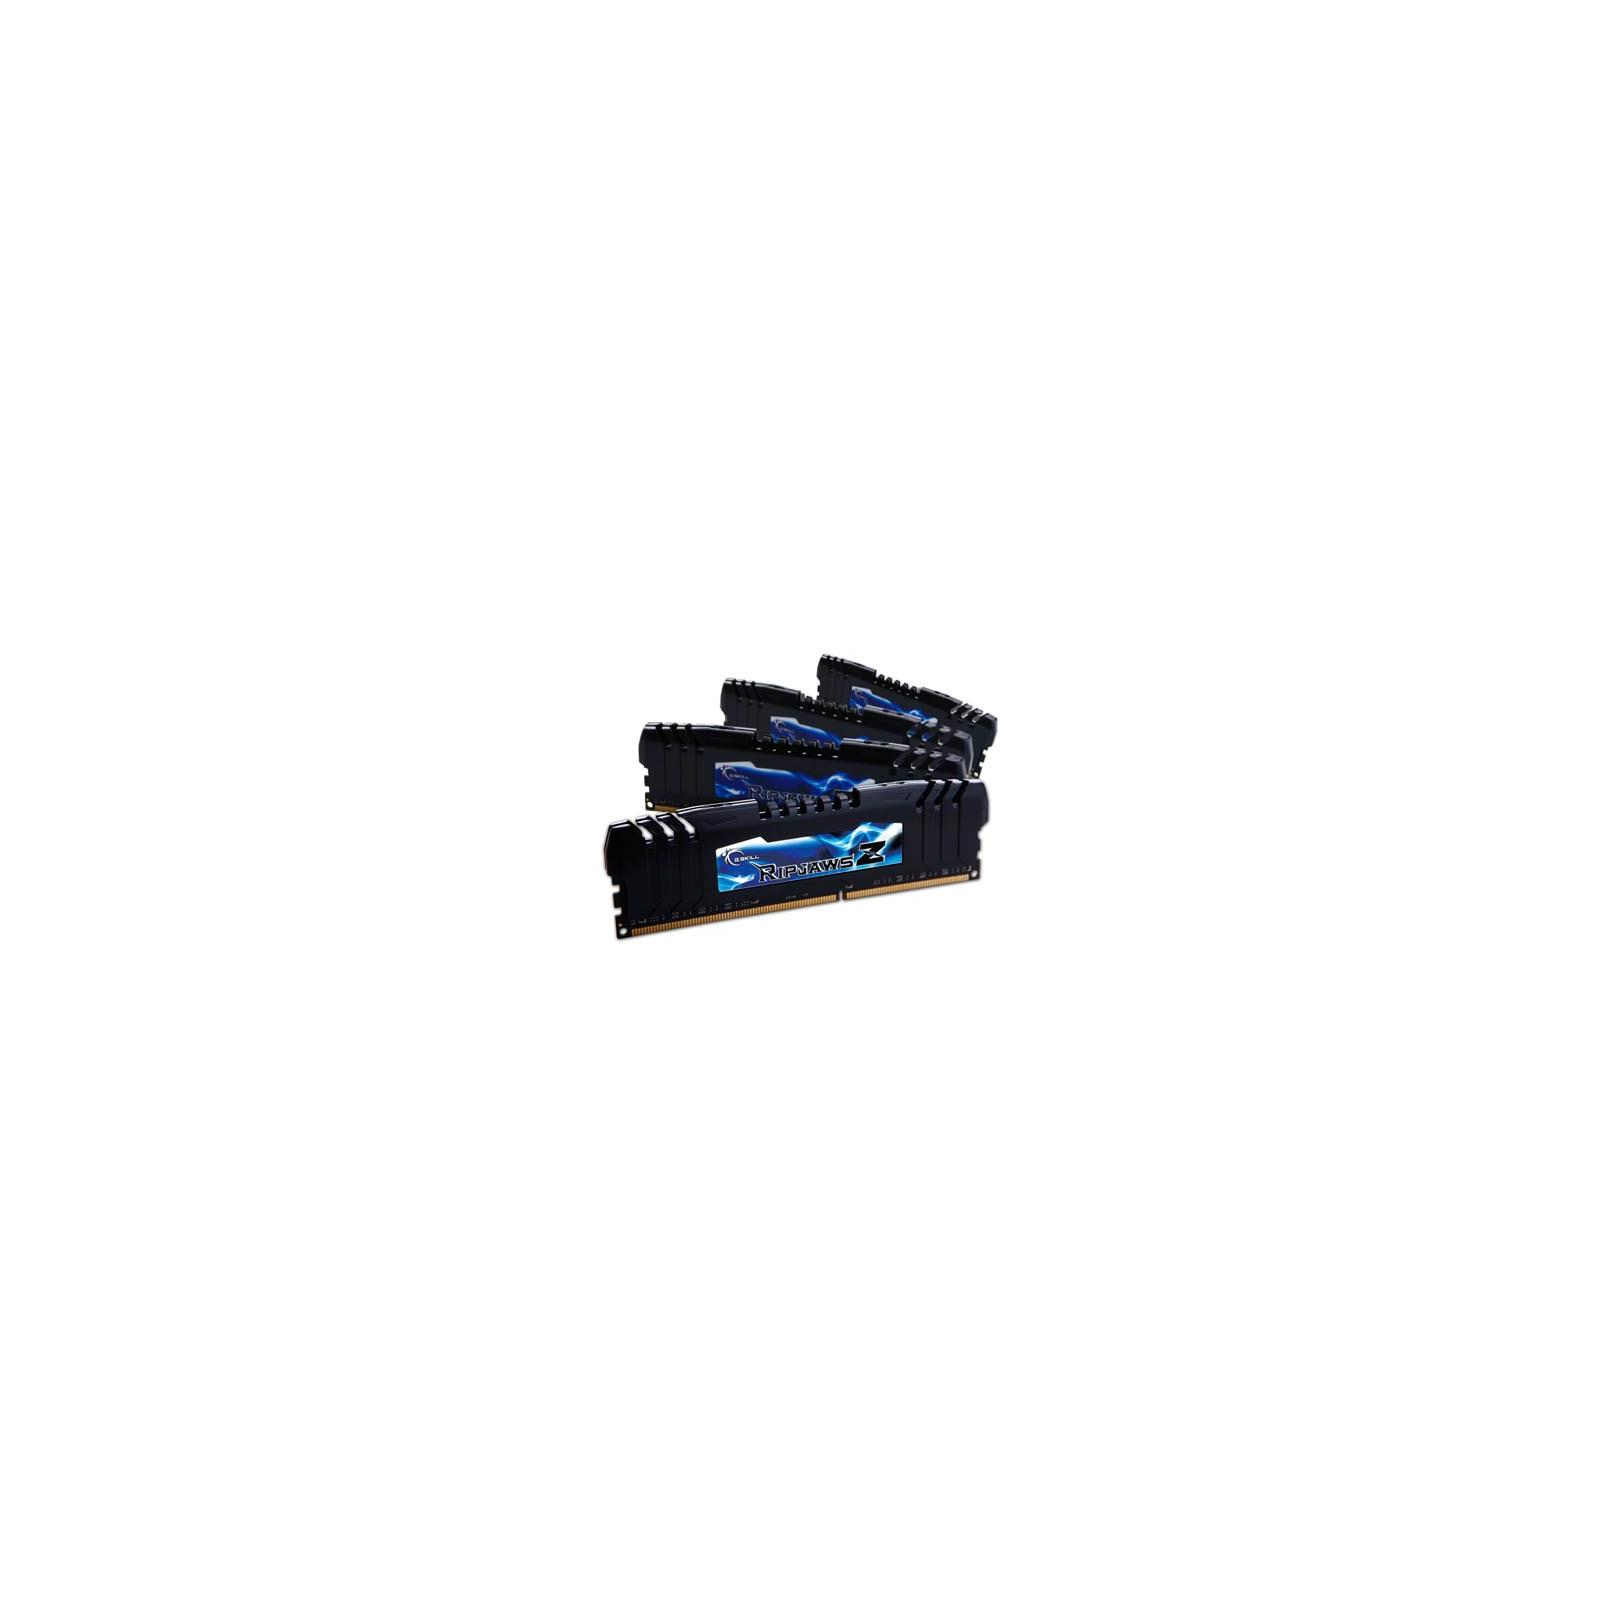 Модуль памяти для компьютера DDR3 16GB (4x4GB) 2400 MHz G.Skill (F3-2400C10Q-16GZH)